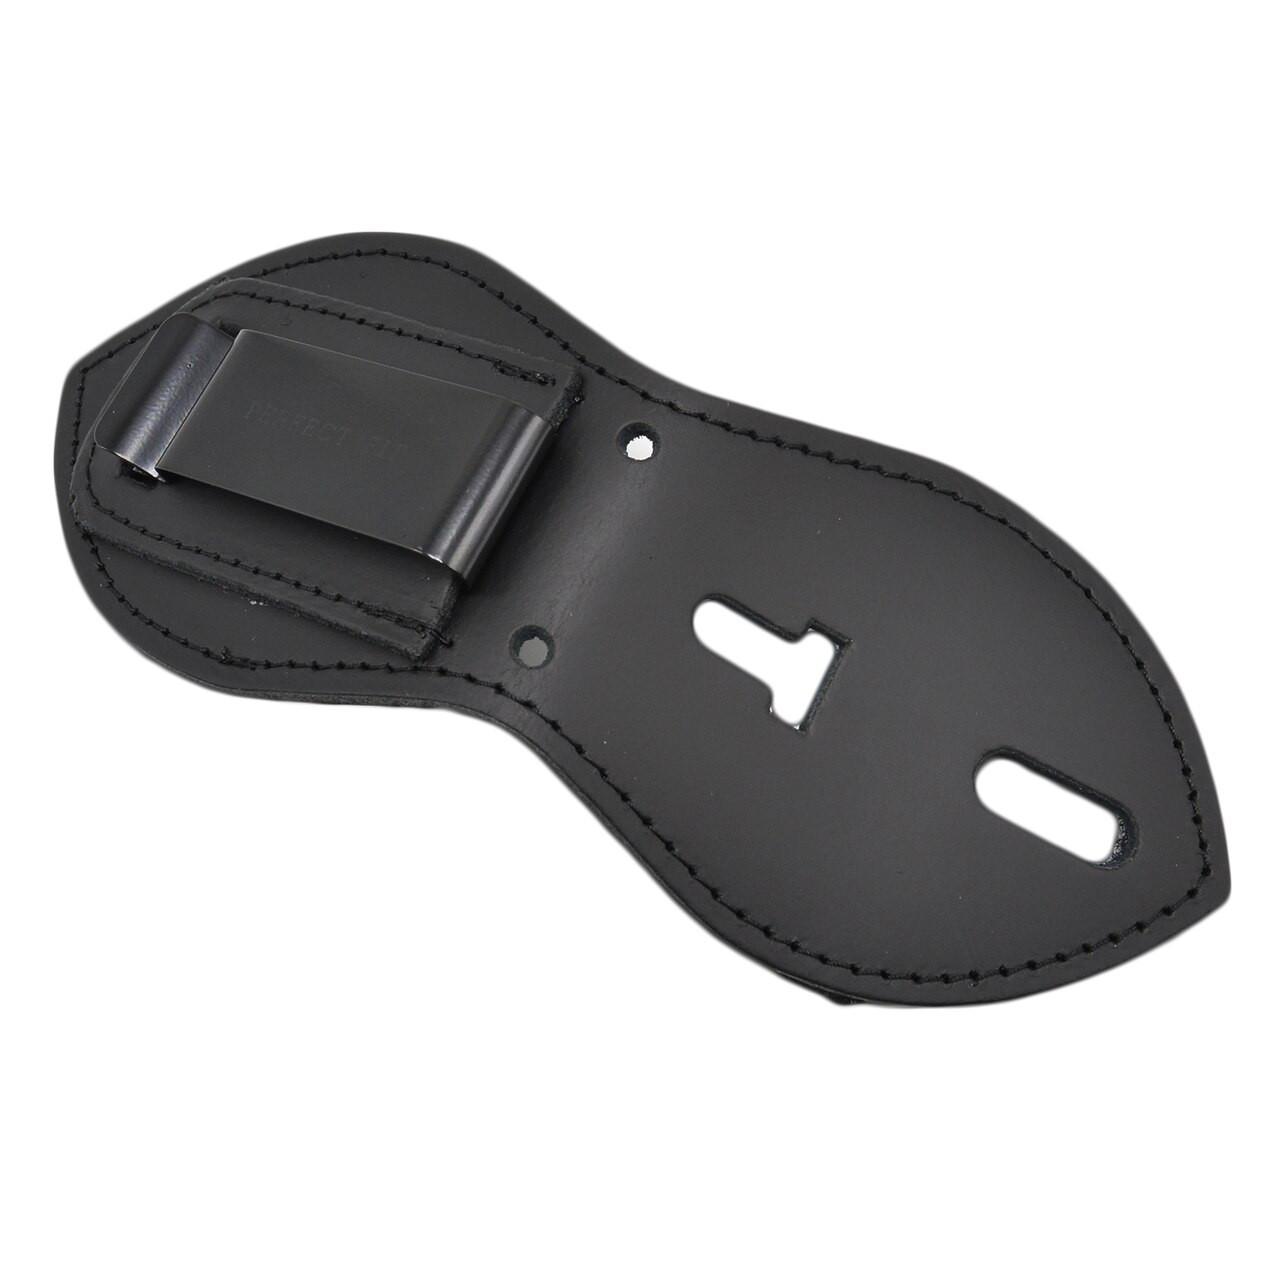 Universal Teardrop Belt Police Badge Holder Also Can Wear Around Neck